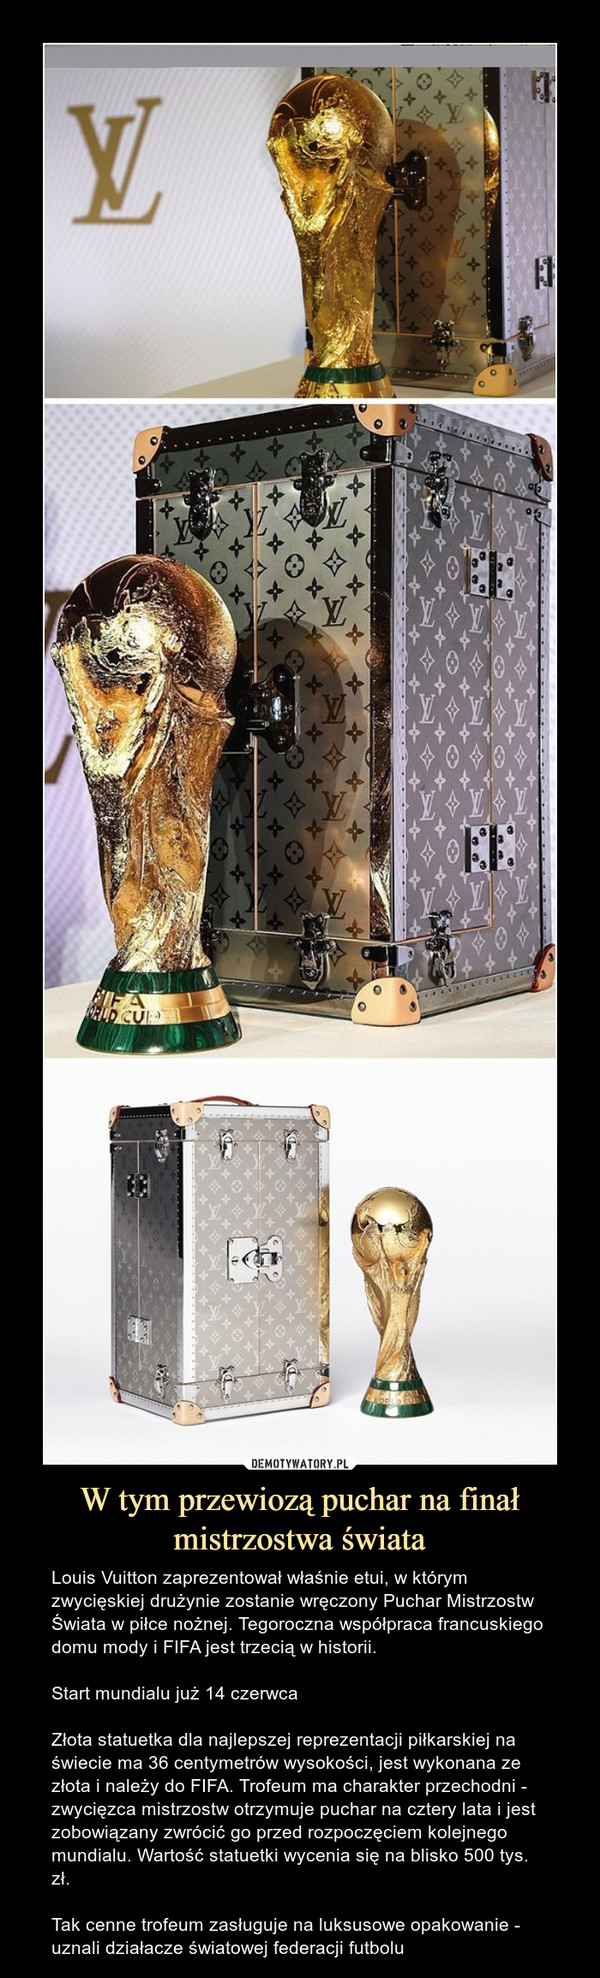 W tym przewiozą puchar na finał mistrzostwa świata – Louis Vuitton zaprezentował właśnie etui, w którym zwycięskiej drużynie zostanie wręczony Puchar Mistrzostw Świata w piłce nożnej. Tegoroczna współpraca francuskiego domu mody i FIFA jest trzecią w historii.Start mundialu już 14 czerwcaZłota statuetka dla najlepszej reprezentacji piłkarskiej na świecie ma 36 centymetrów wysokości, jest wykonana ze złota i należy do FIFA. Trofeum ma charakter przechodni - zwycięzca mistrzostw otrzymuje puchar na cztery lata i jest zobowiązany zwrócić go przed rozpoczęciem kolejnego mundialu. Wartość statuetki wycenia się na blisko 500 tys. zł.Tak cenne trofeum zasługuje na luksusowe opakowanie - uznali działacze światowej federacji futbolu